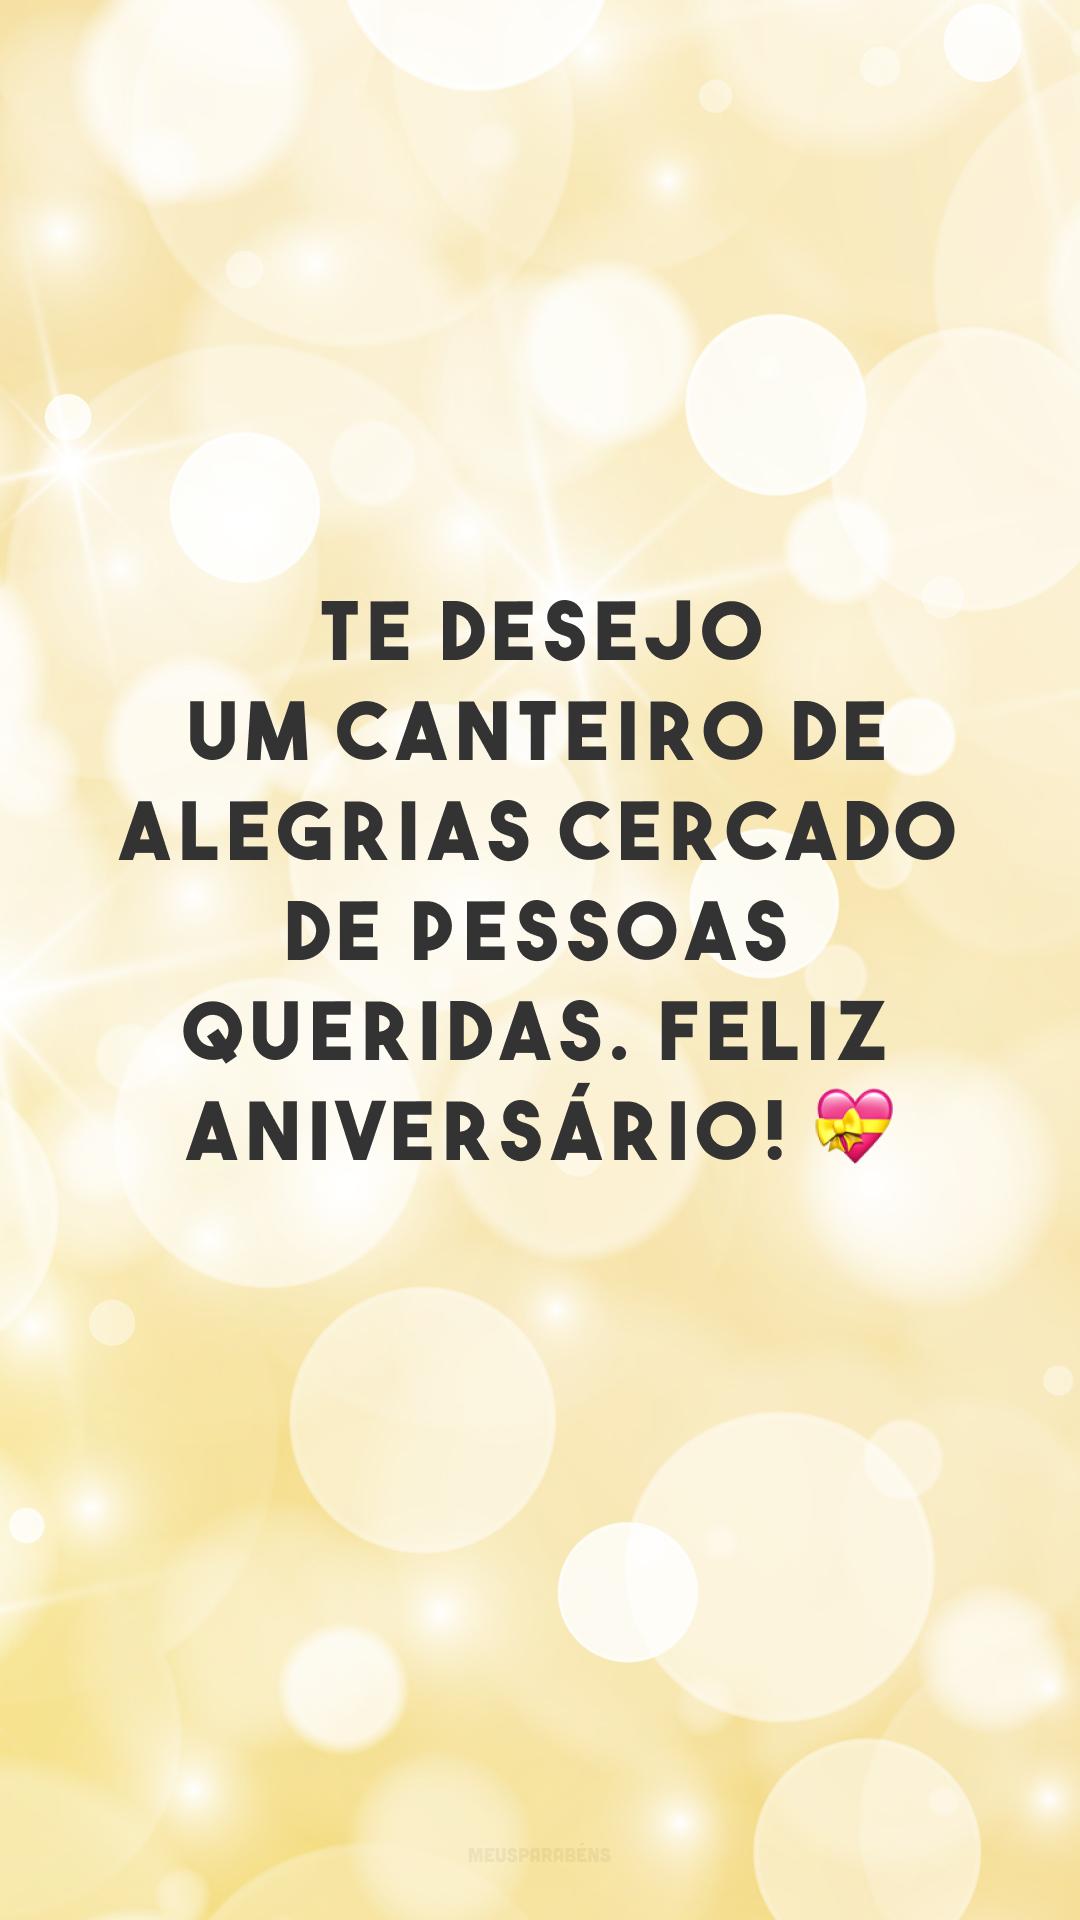 Te desejo um canteiro de alegrias cercado de pessoas queridas. Feliz aniversário! 💝